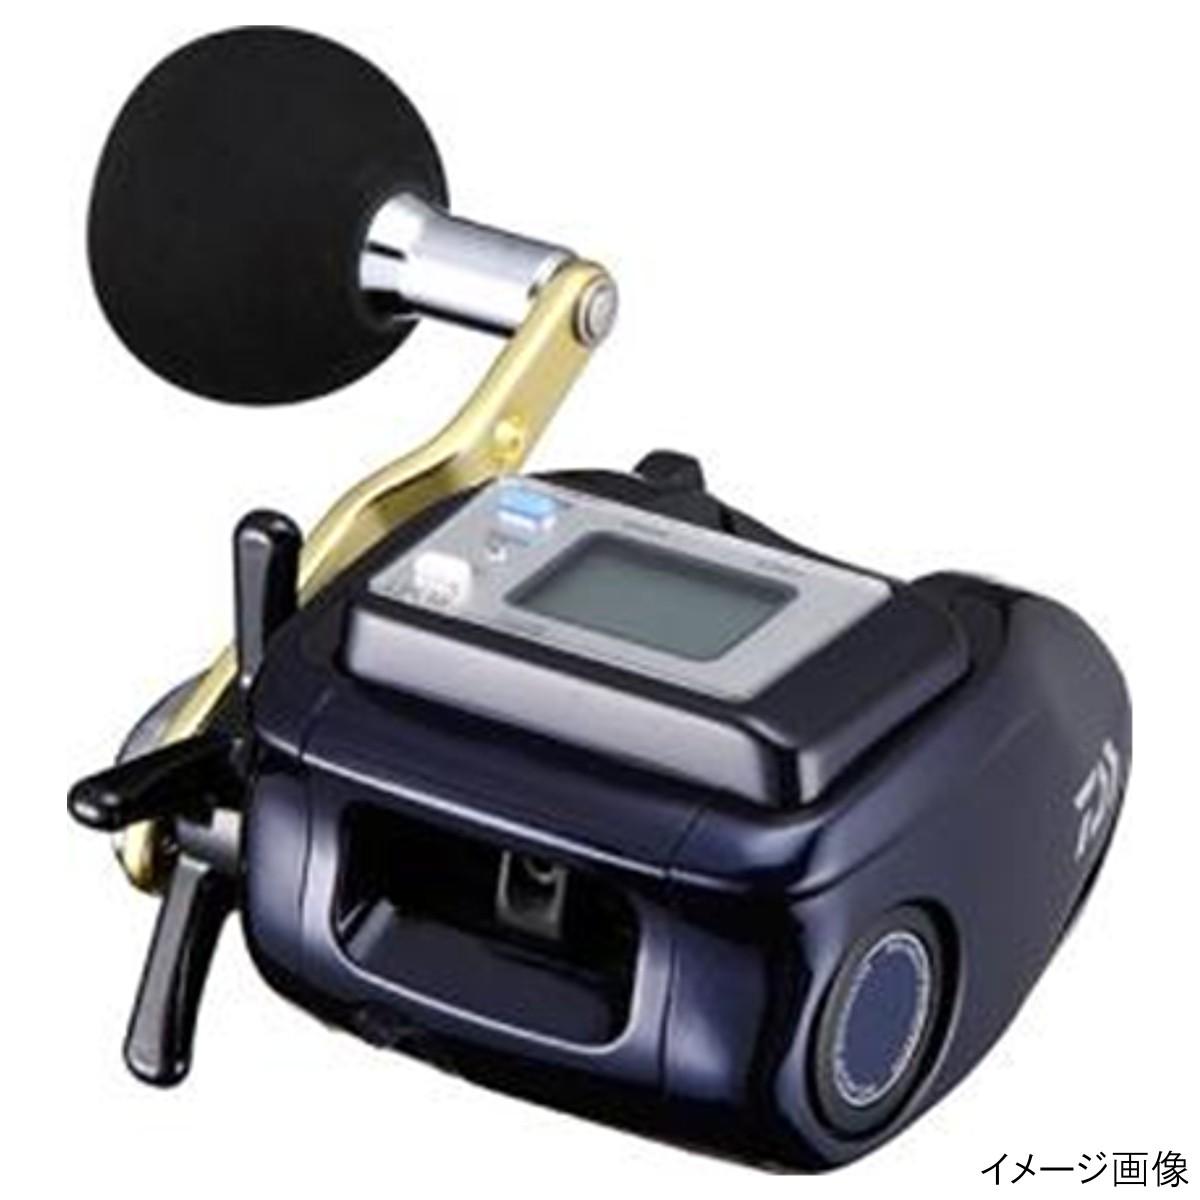 ダイワ タナセンサー 300【送料無料】